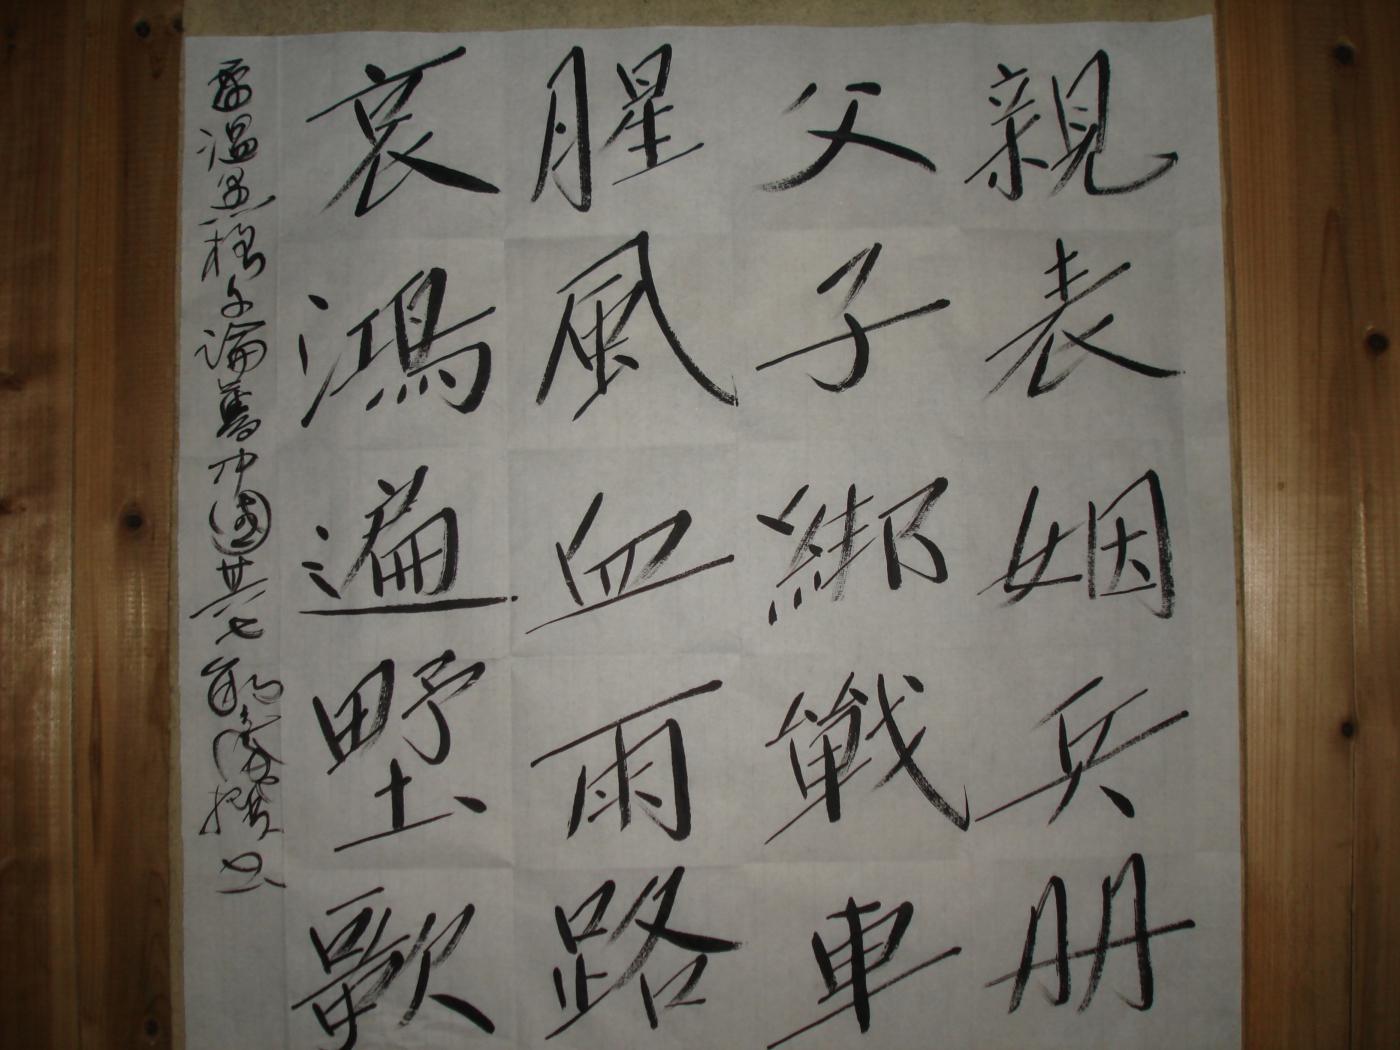 徐敏豪诗五绝3则真榜书2尺生宣斗方3幅(192)_图1-1